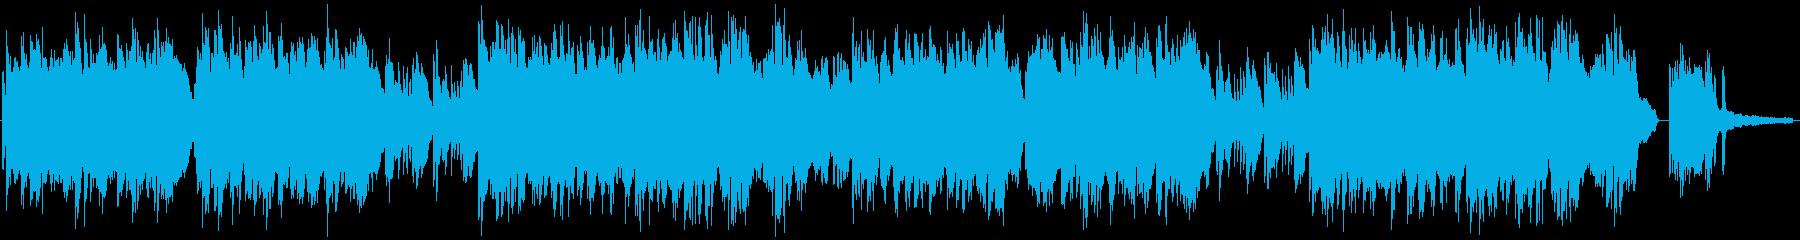 蛍をイメージしたソロピアノの再生済みの波形